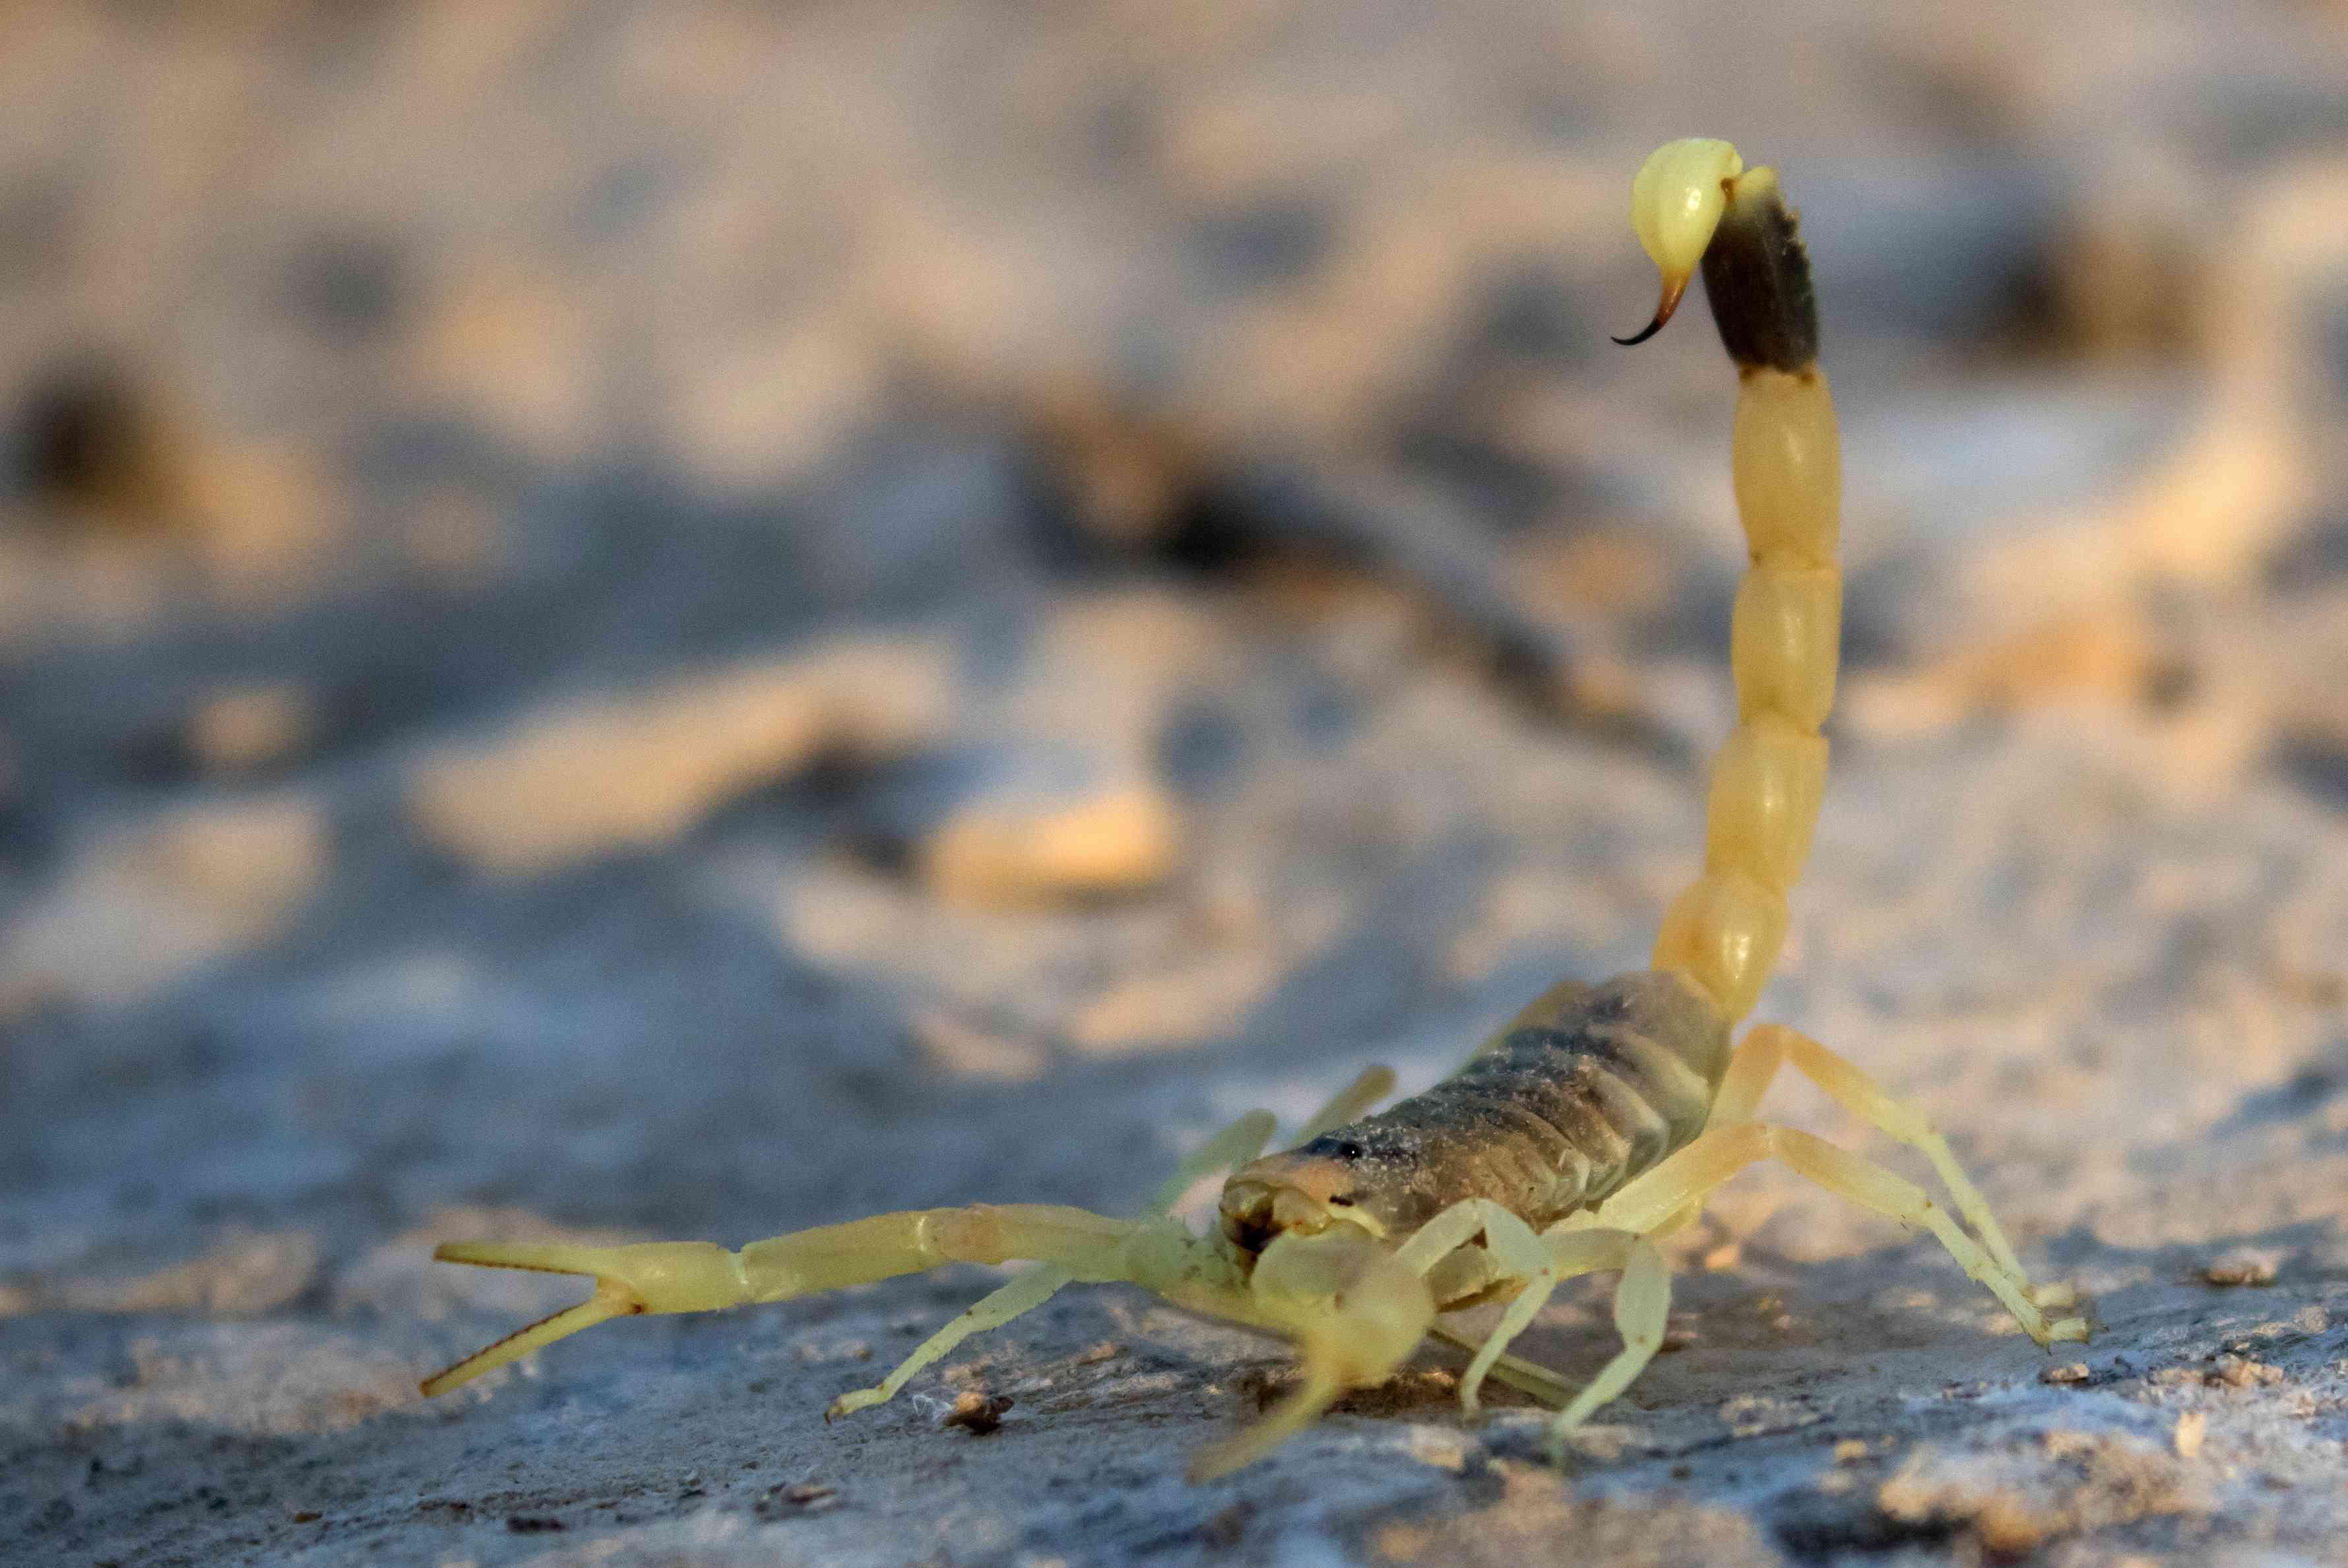 The deathstalker scorpion (Leiurus quinquestriatus)